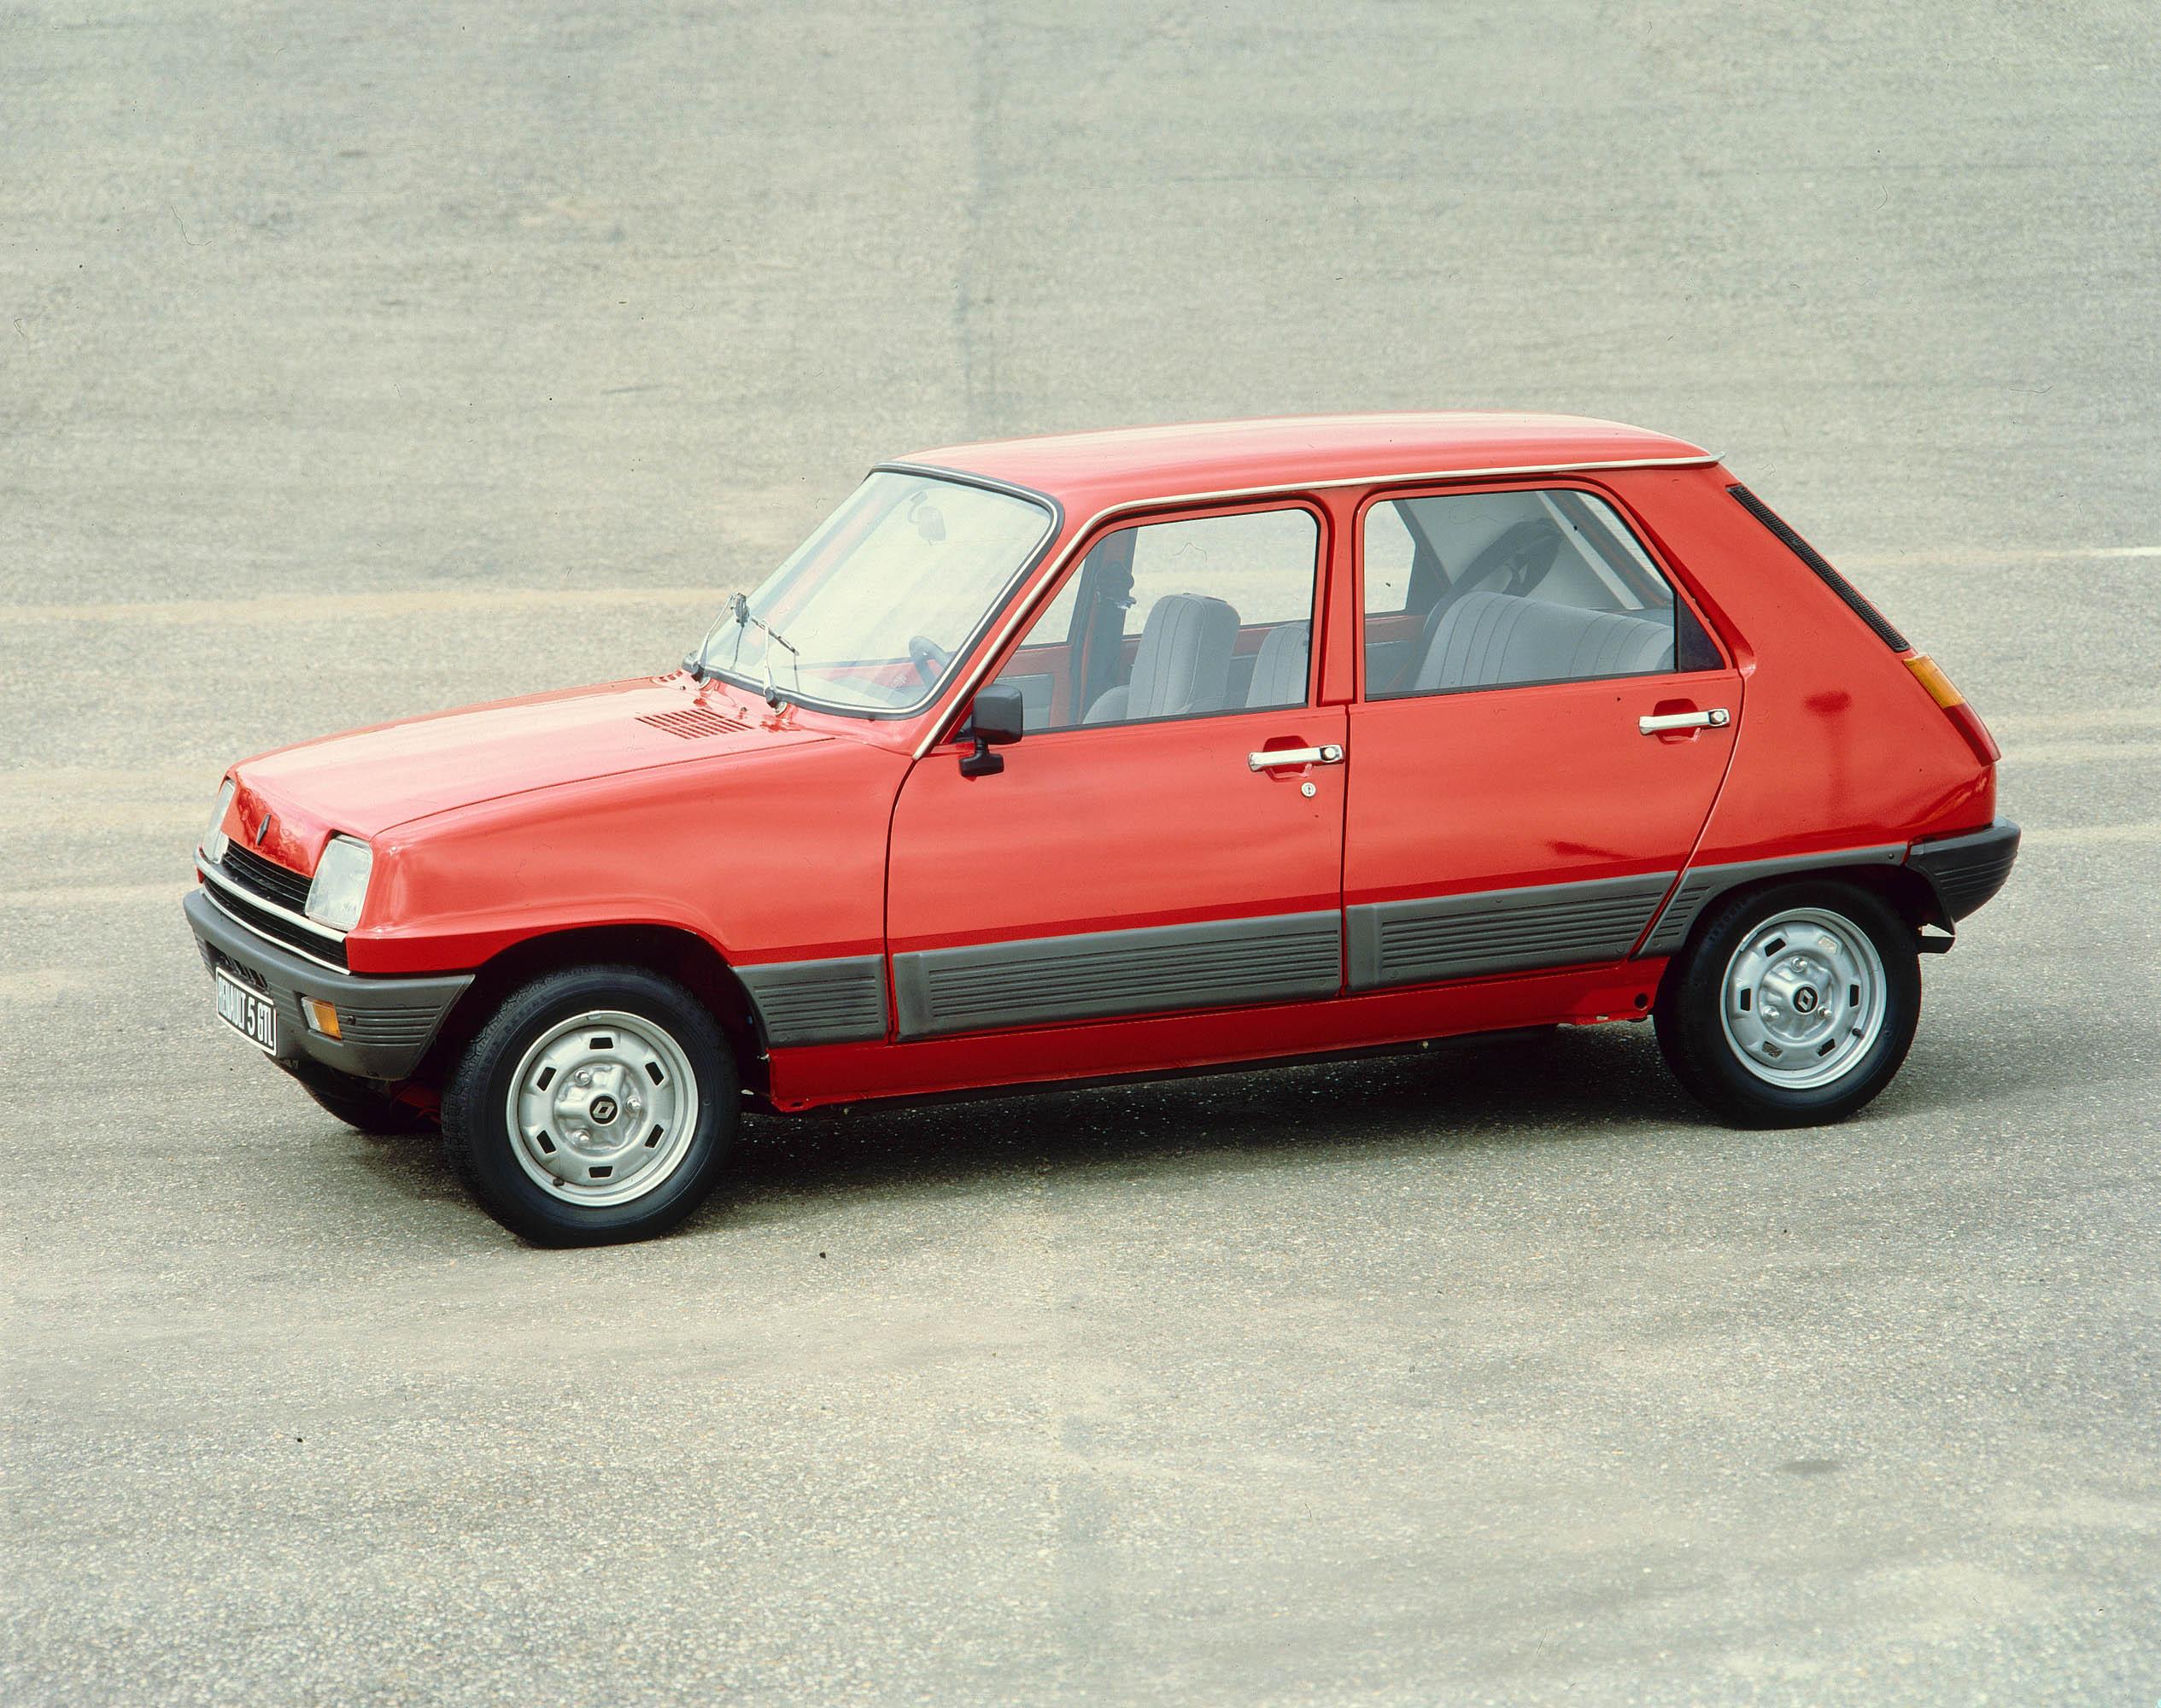 Renault 5 photo #2